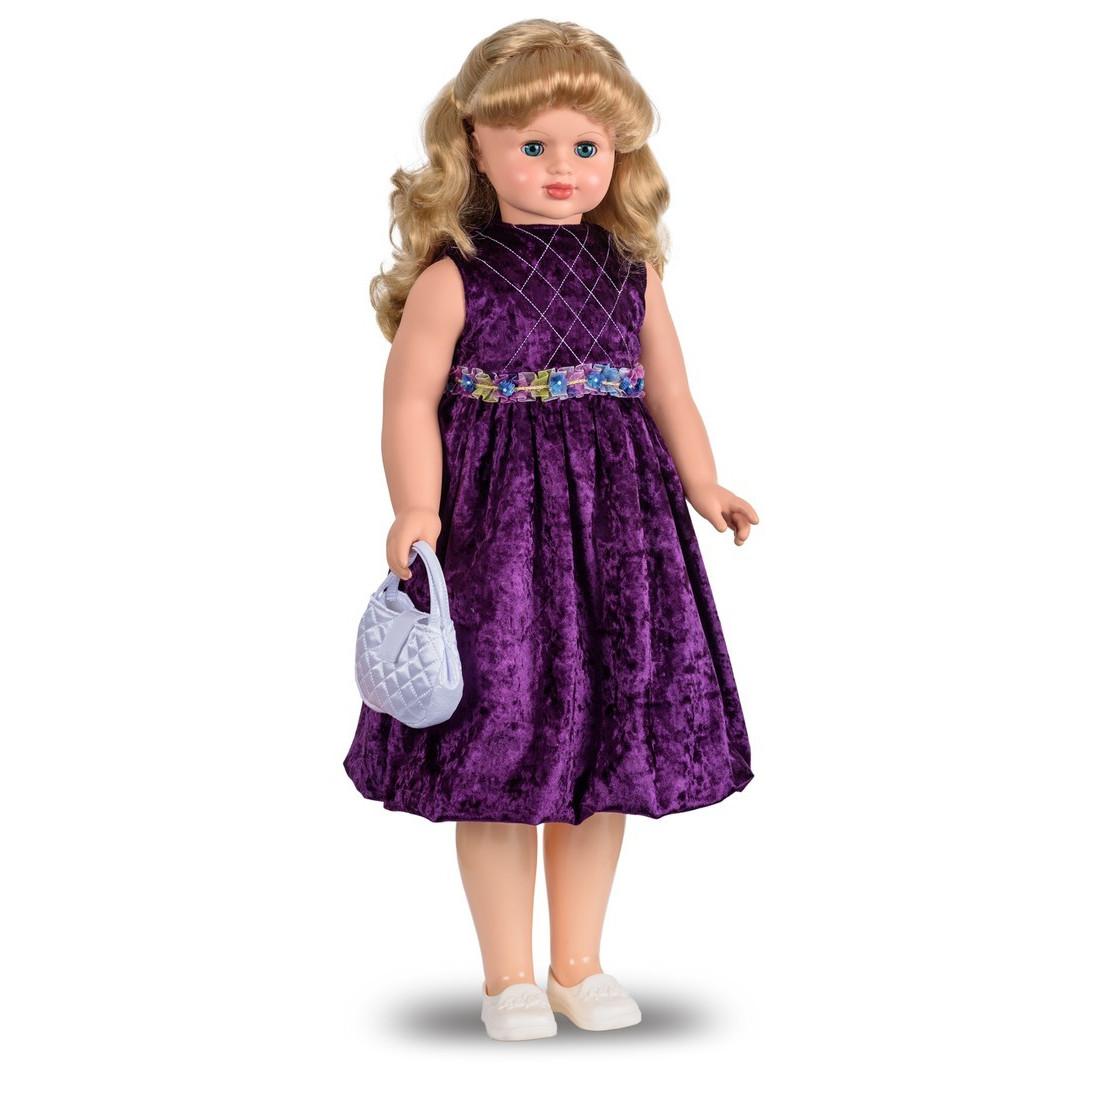 Кукла Снежана 10 со звукомРусские куклы фабрики Весна<br>Кукла Снежана 10 со звуком<br>